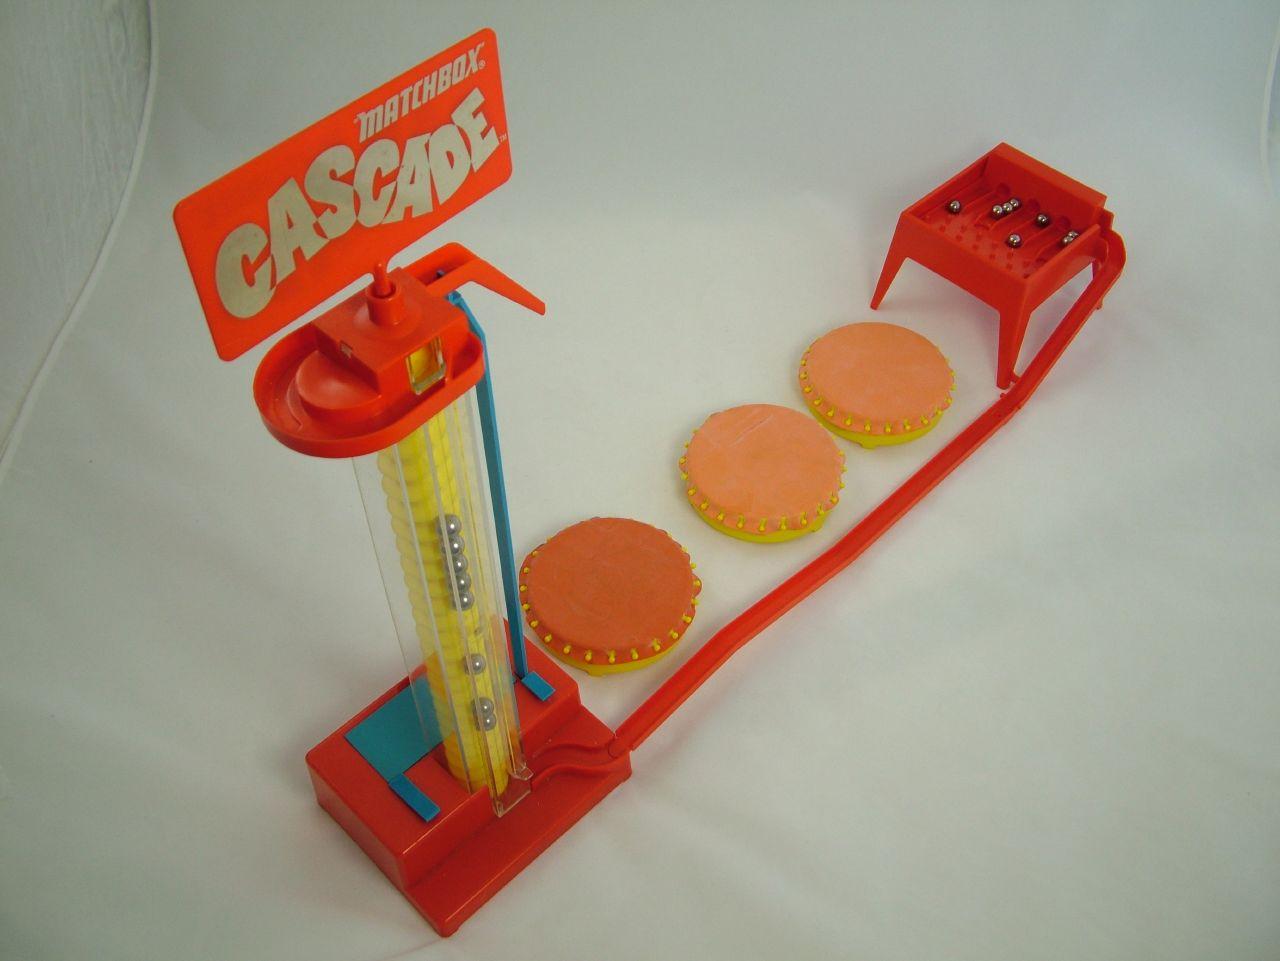 matchbox-cascade